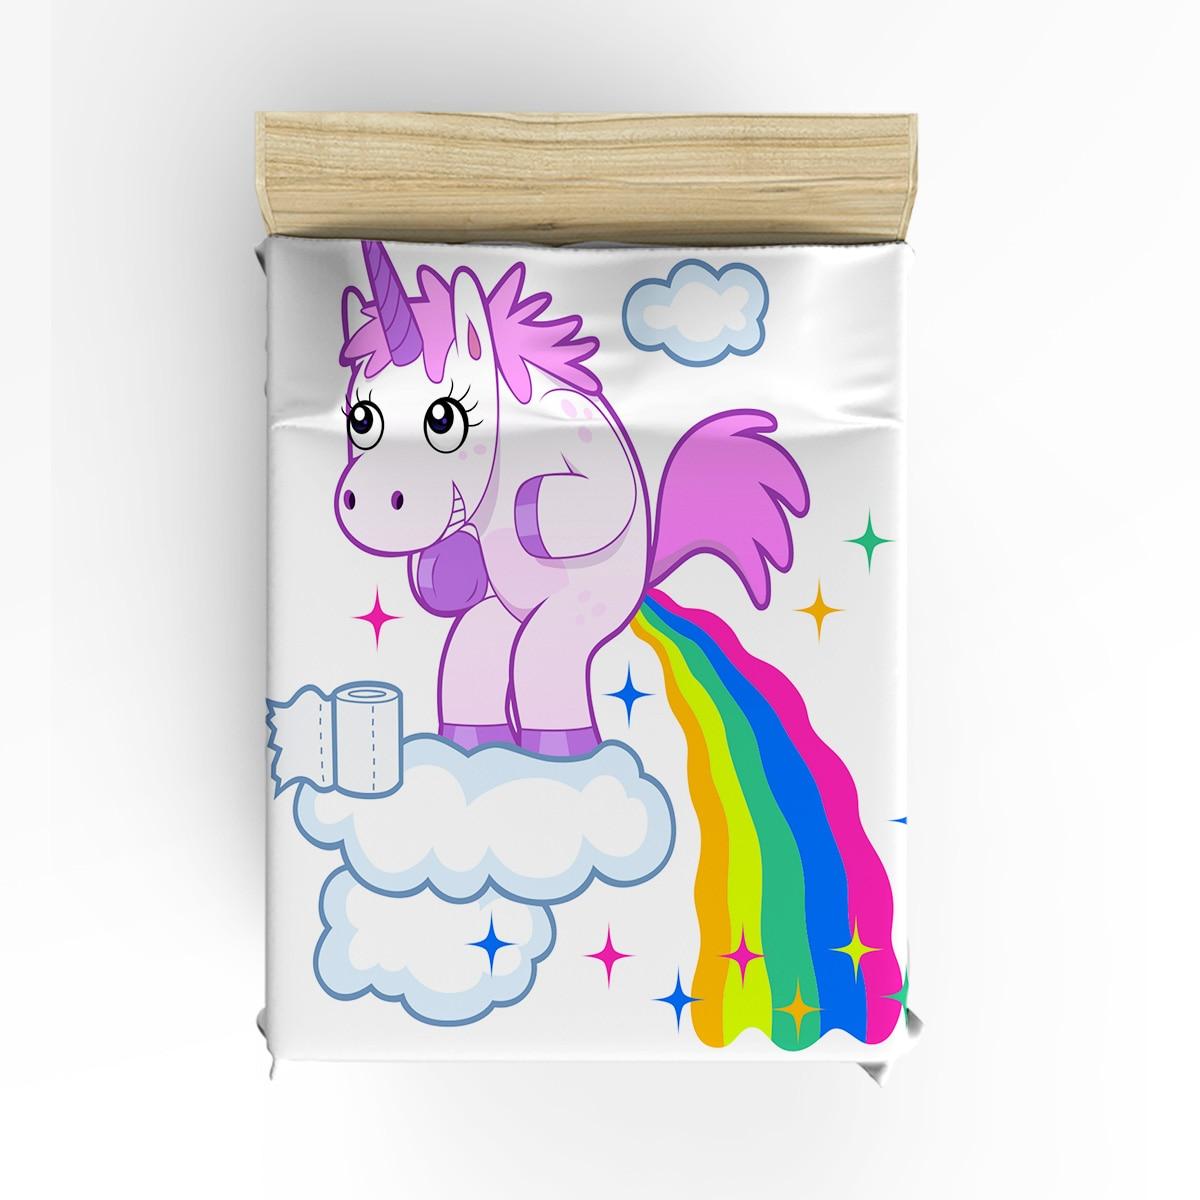 3d Dos Desenhos Animados Unicorn Rainbow Imprimir 3 pcs 4 pcs Jogo do Fundamento Home Decor Set Capa de Edredão Macio Conjuntos de Cama Adulto crianças Frete Grátis - 2